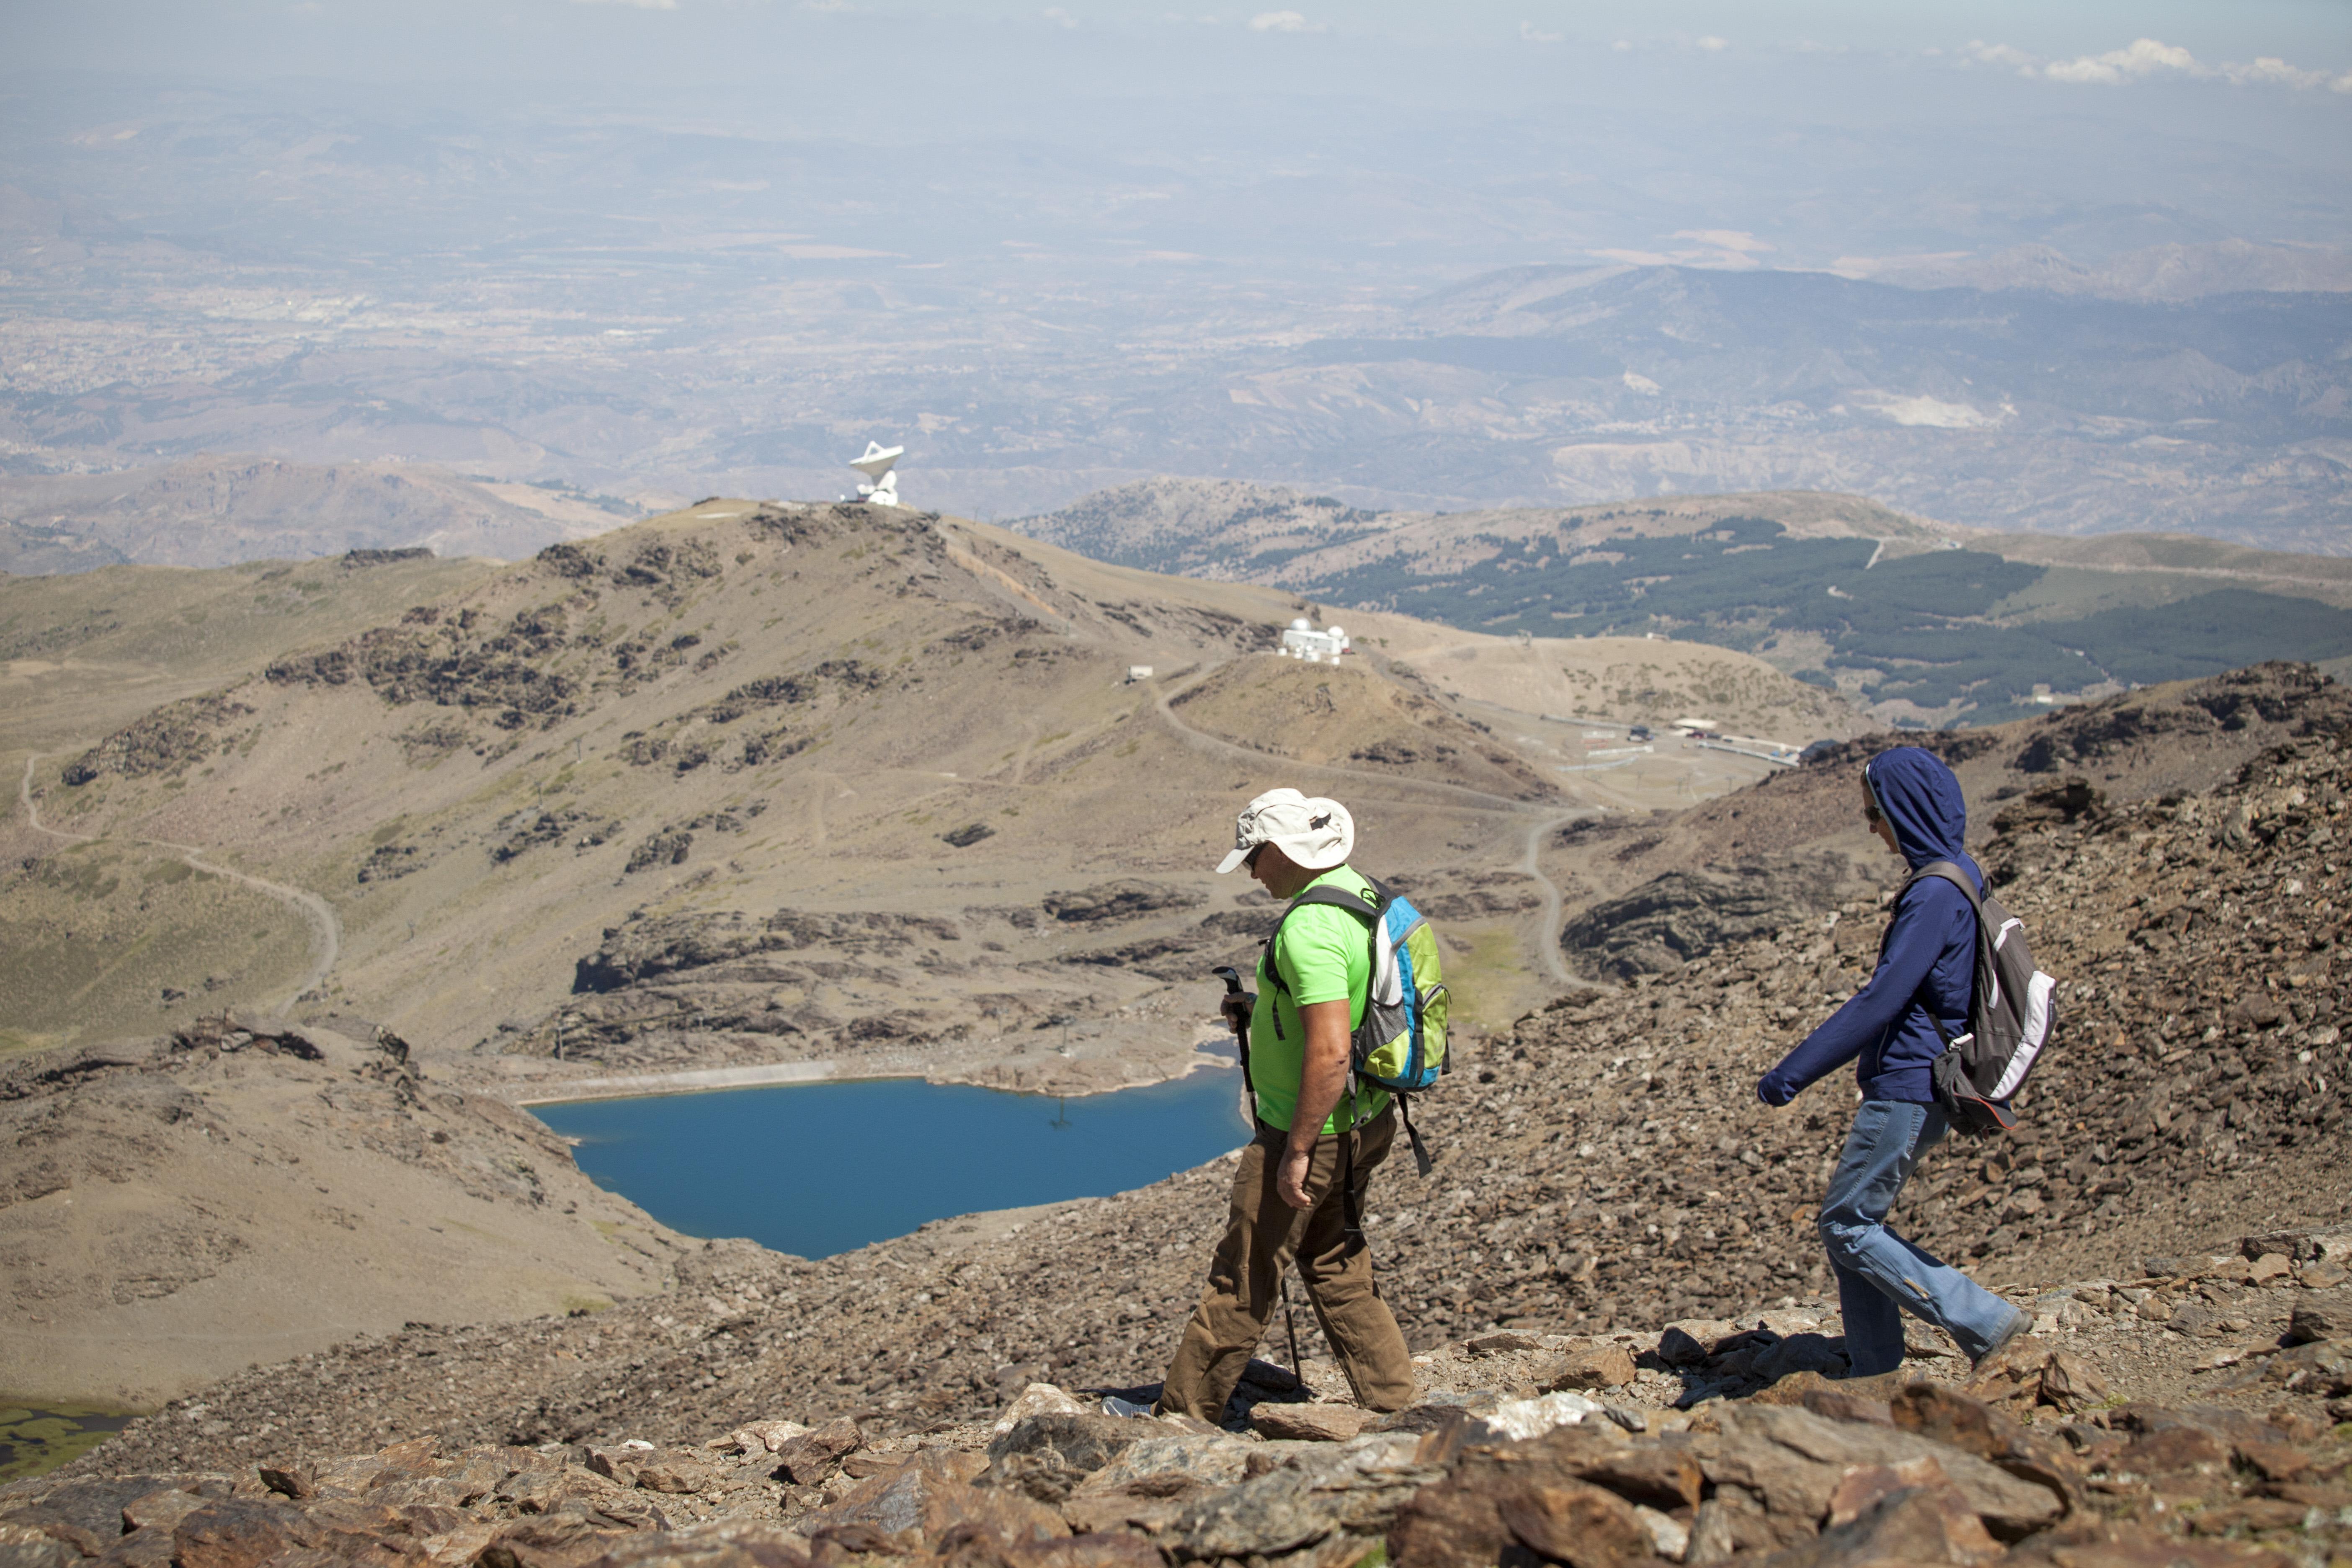 Sierra Nevada abre sus instalaciones de verano este fin de semana